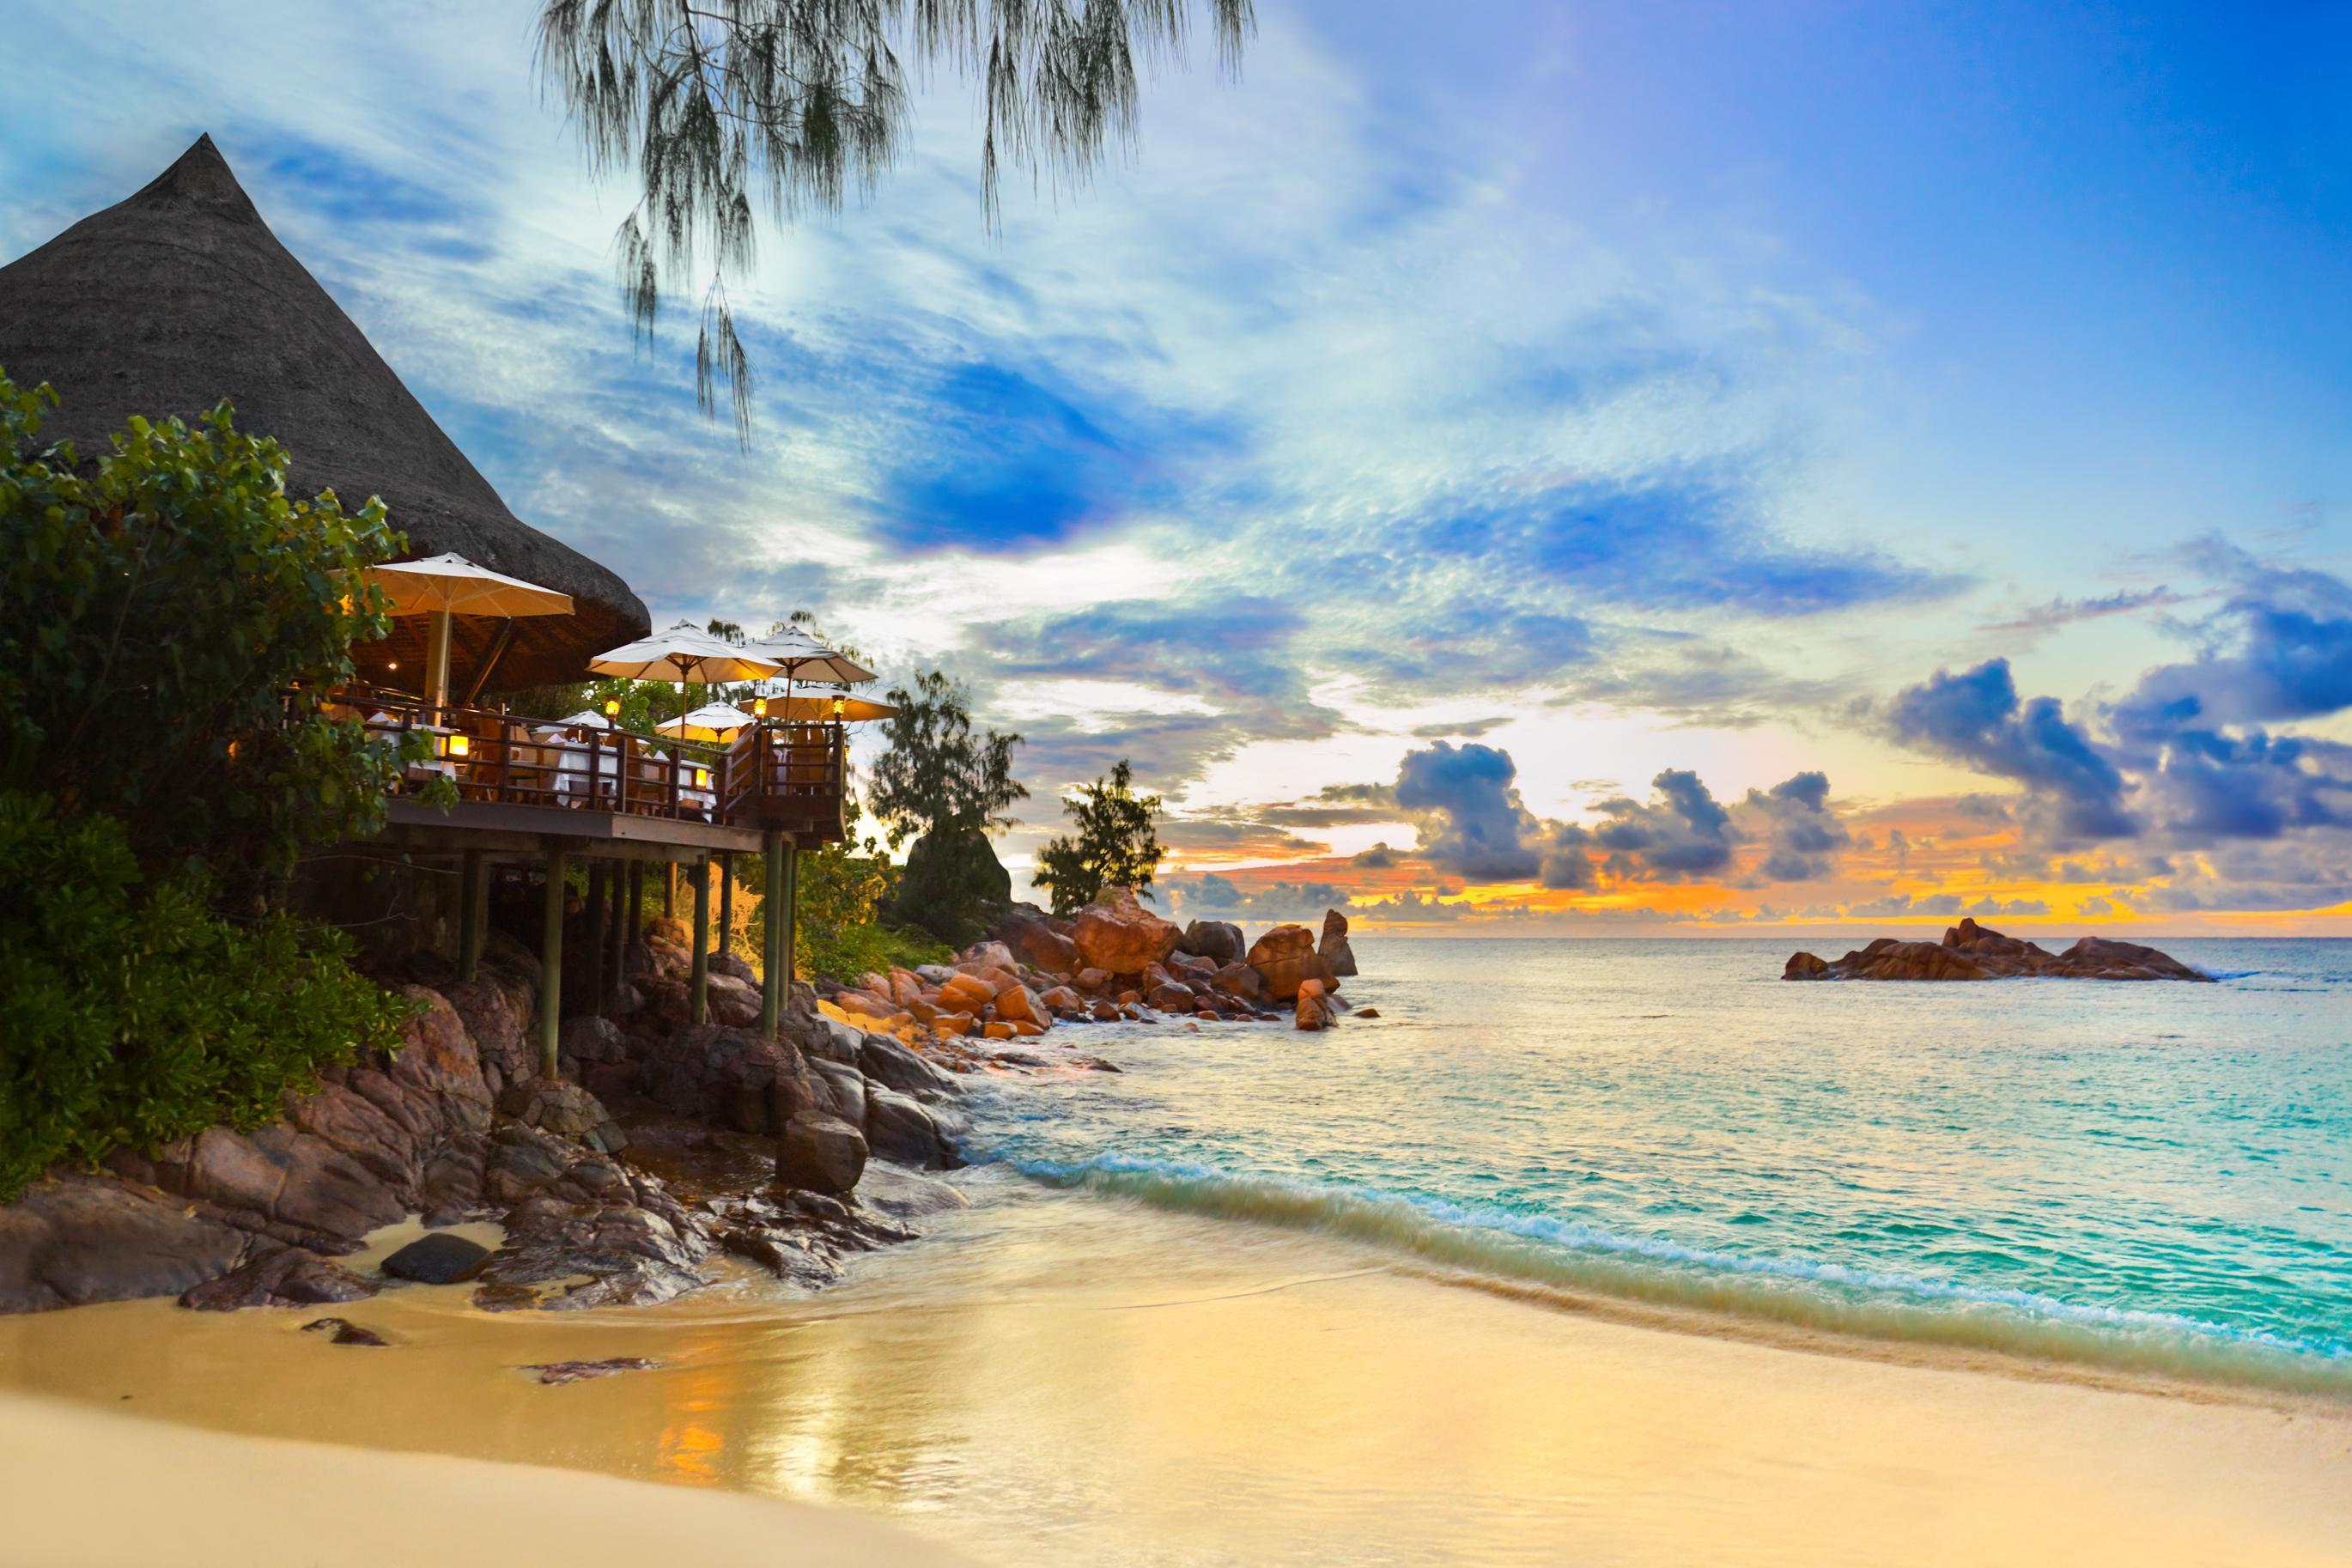 A cafe overlooking a beach